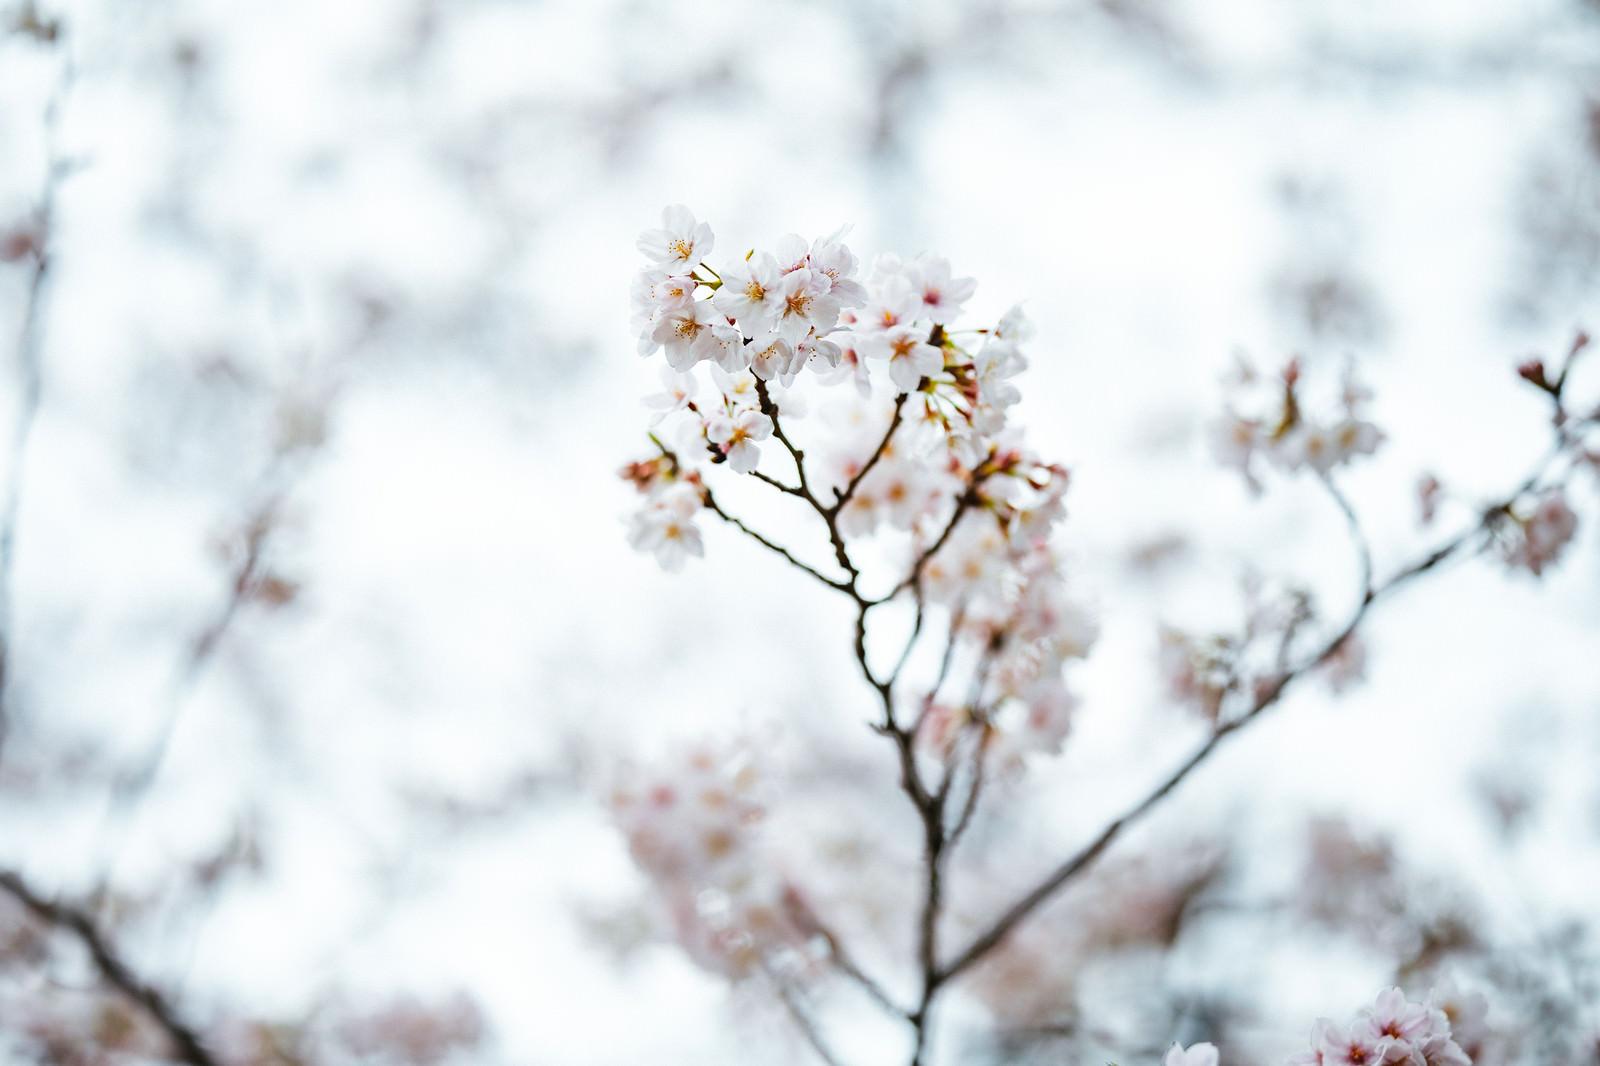 「冬に咲く桜」の写真